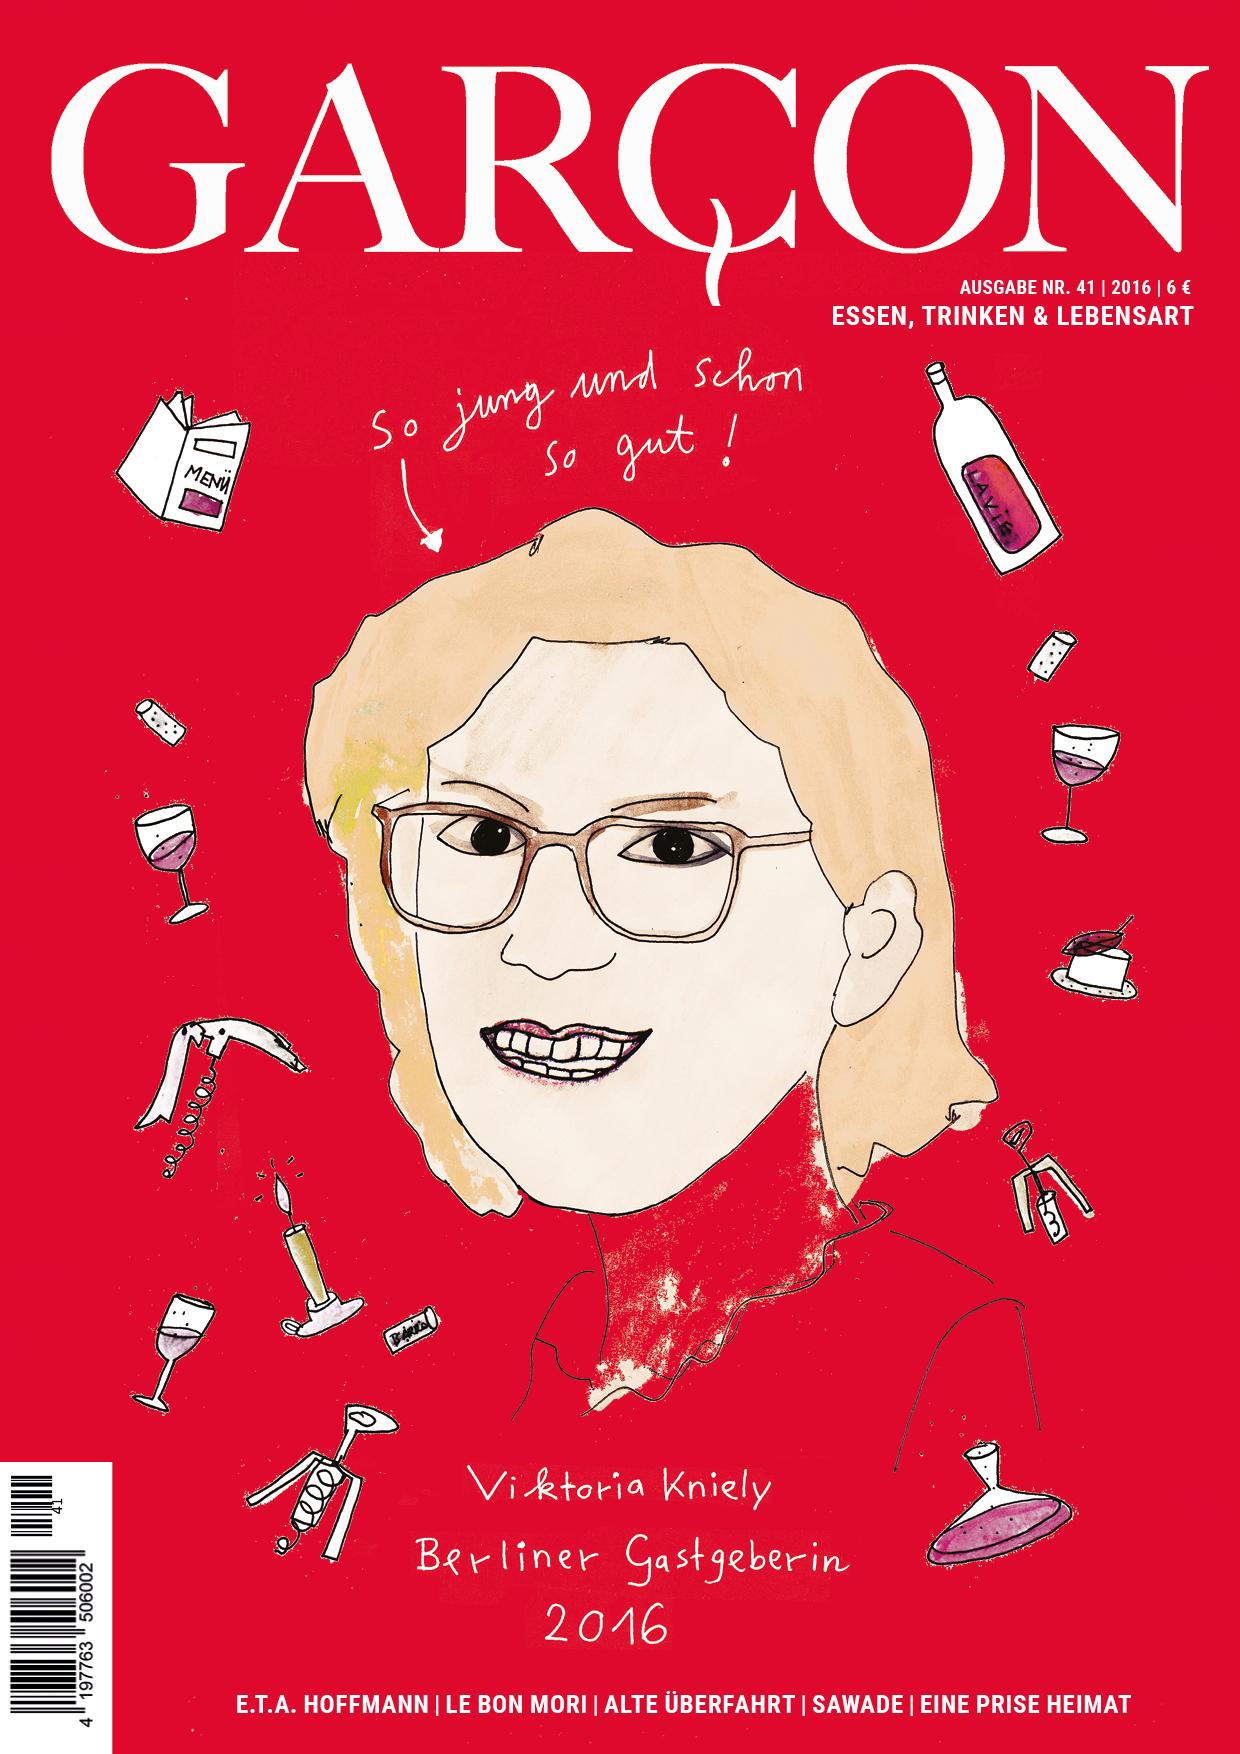 Magazin GARCON - Essen, Trinken, Lebensart, Ausgabe 41